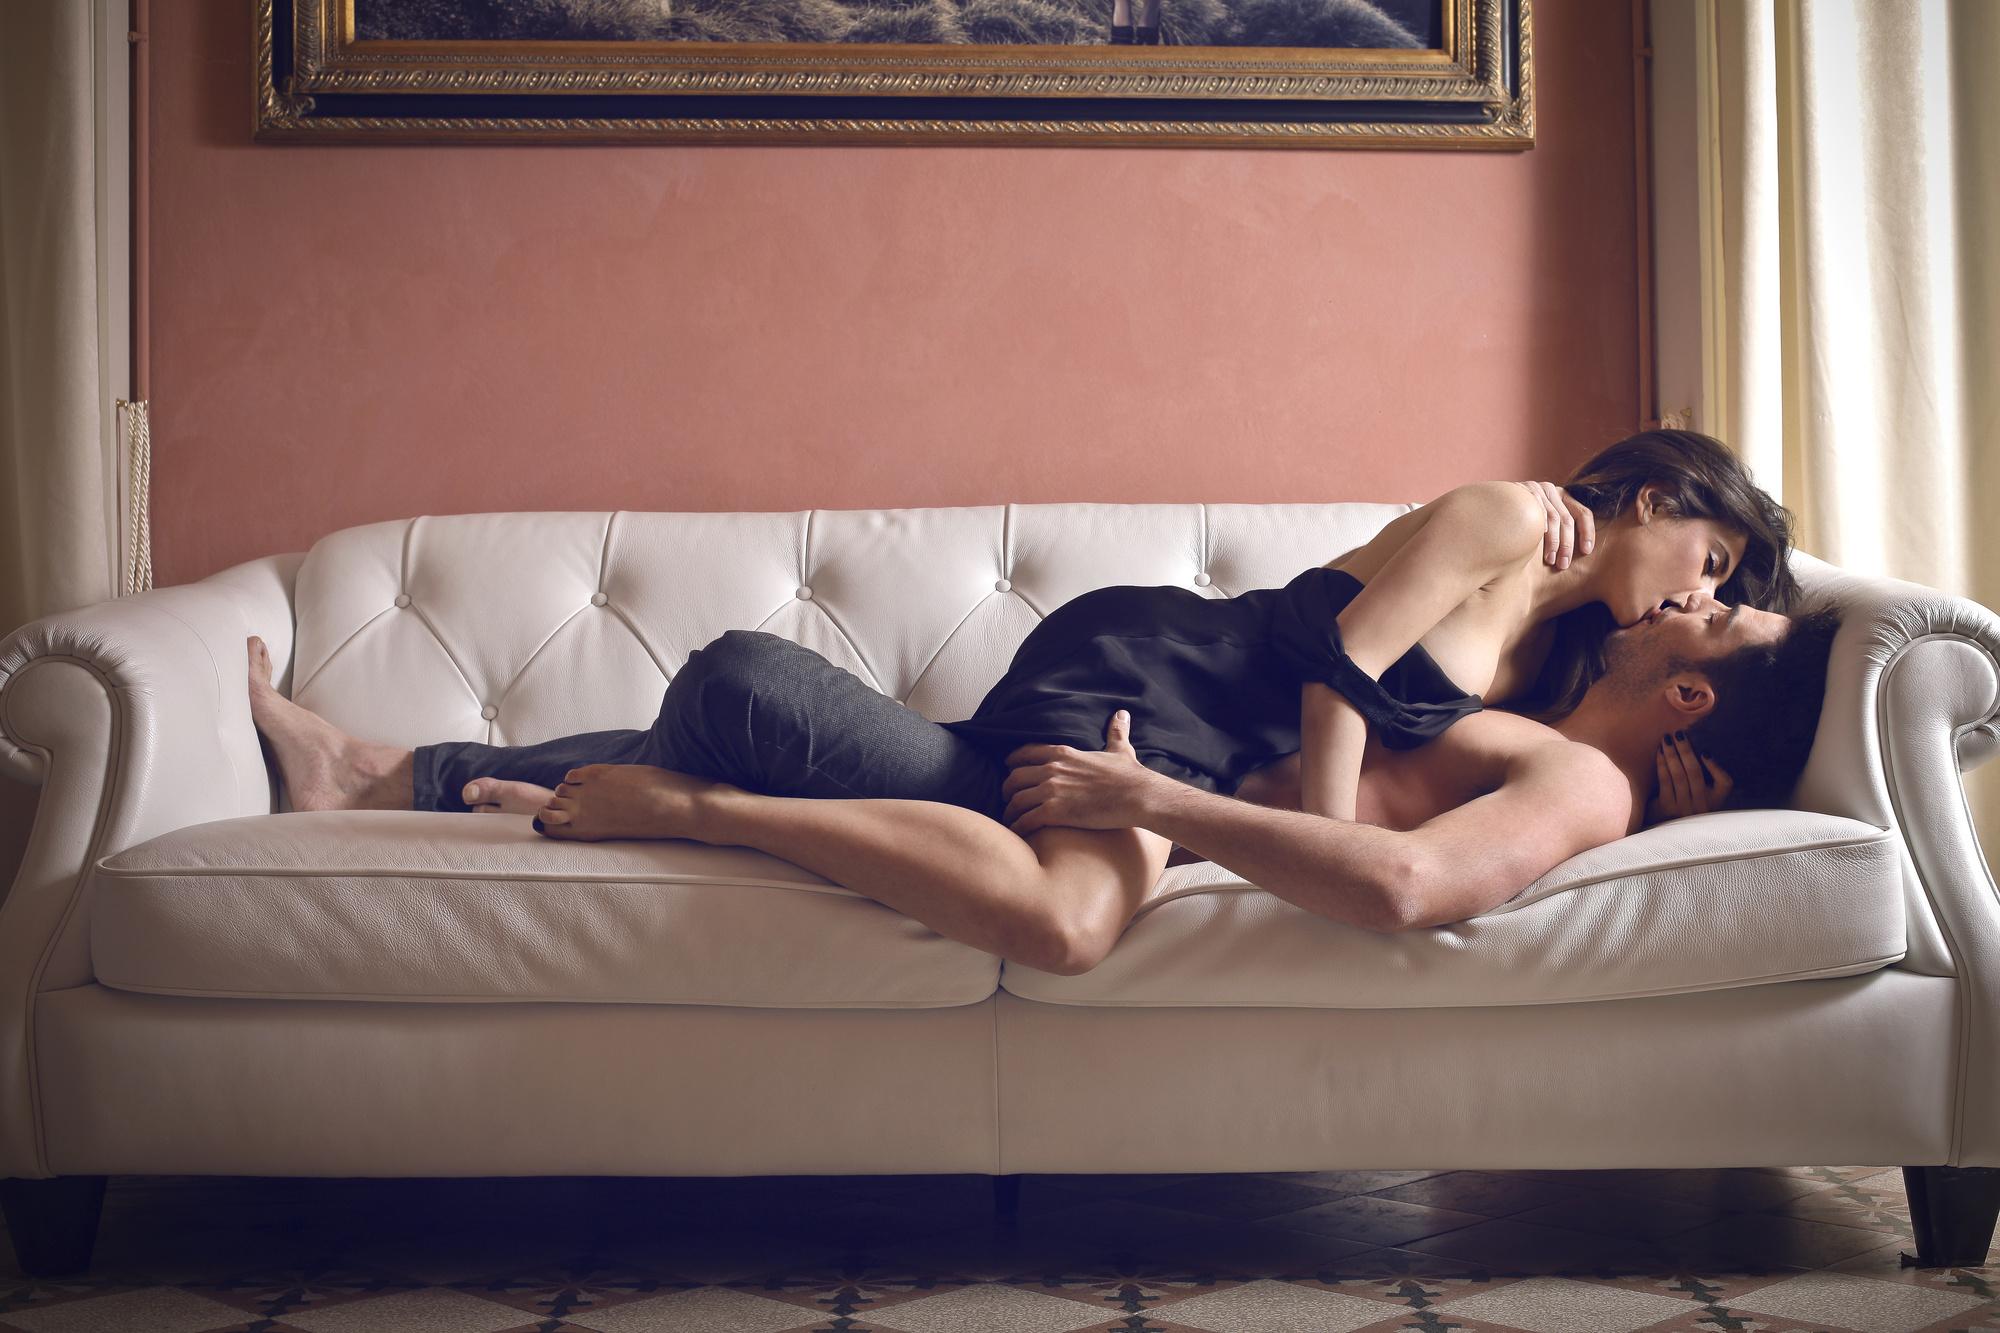 обалденный секс на домашнюю камеру участники участницы